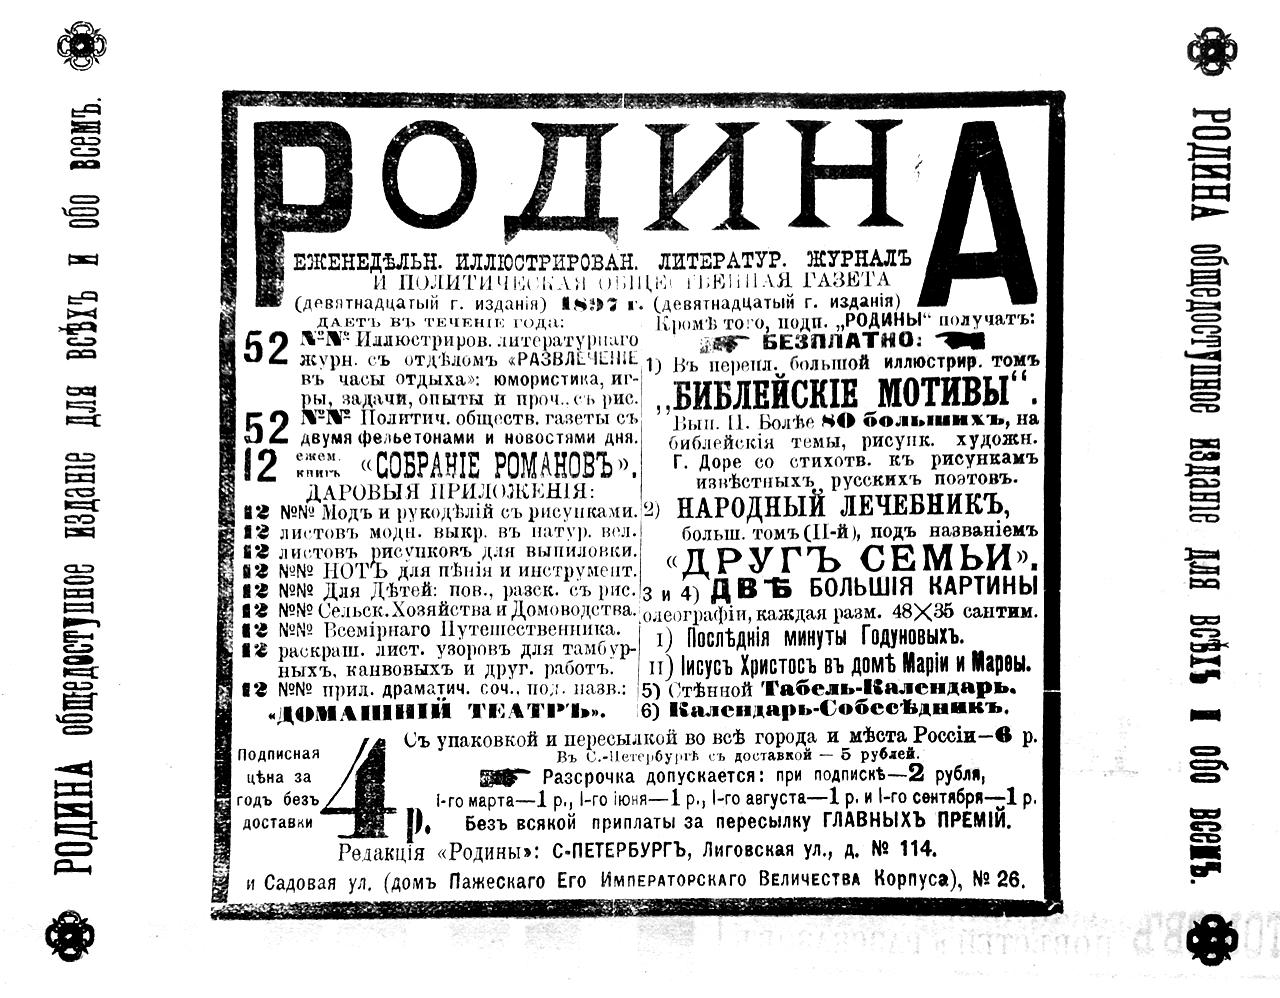 """Подписка на иллюстрированный журнал """"Родина"""" на 1897 год"""